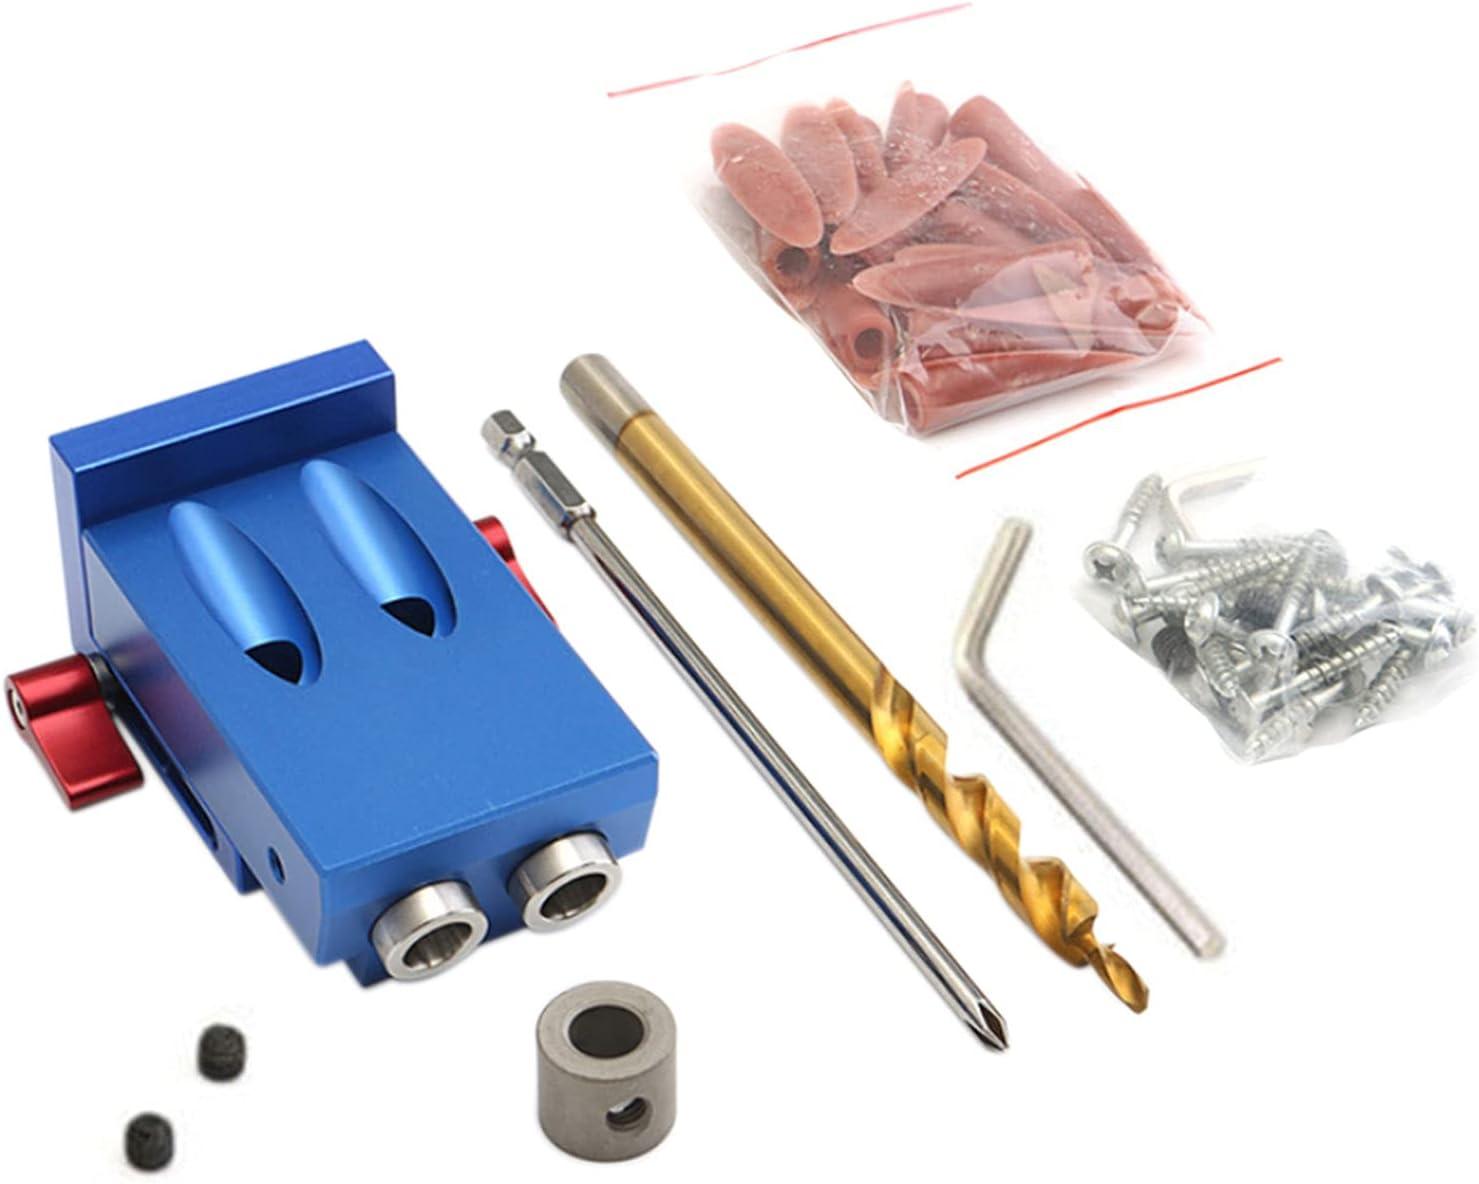 Vistreck Pocket Hole Jig Kit System Juego de herramientas de carpintería con taladro escalonado para trabajar la madera